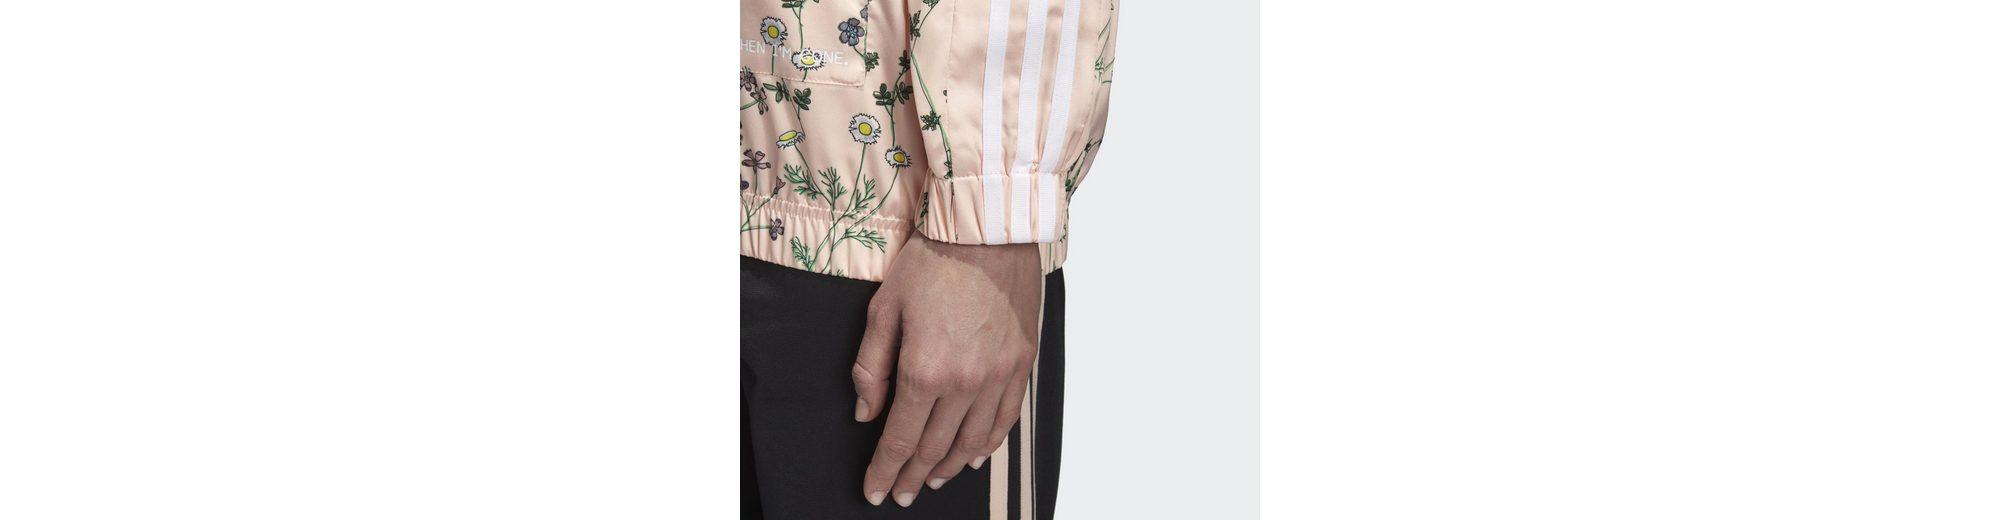 Offizielle Seite Günstig Online Wirklich Online adidas Originals Funktionsjacke Hooded Windbreaker RhGaD